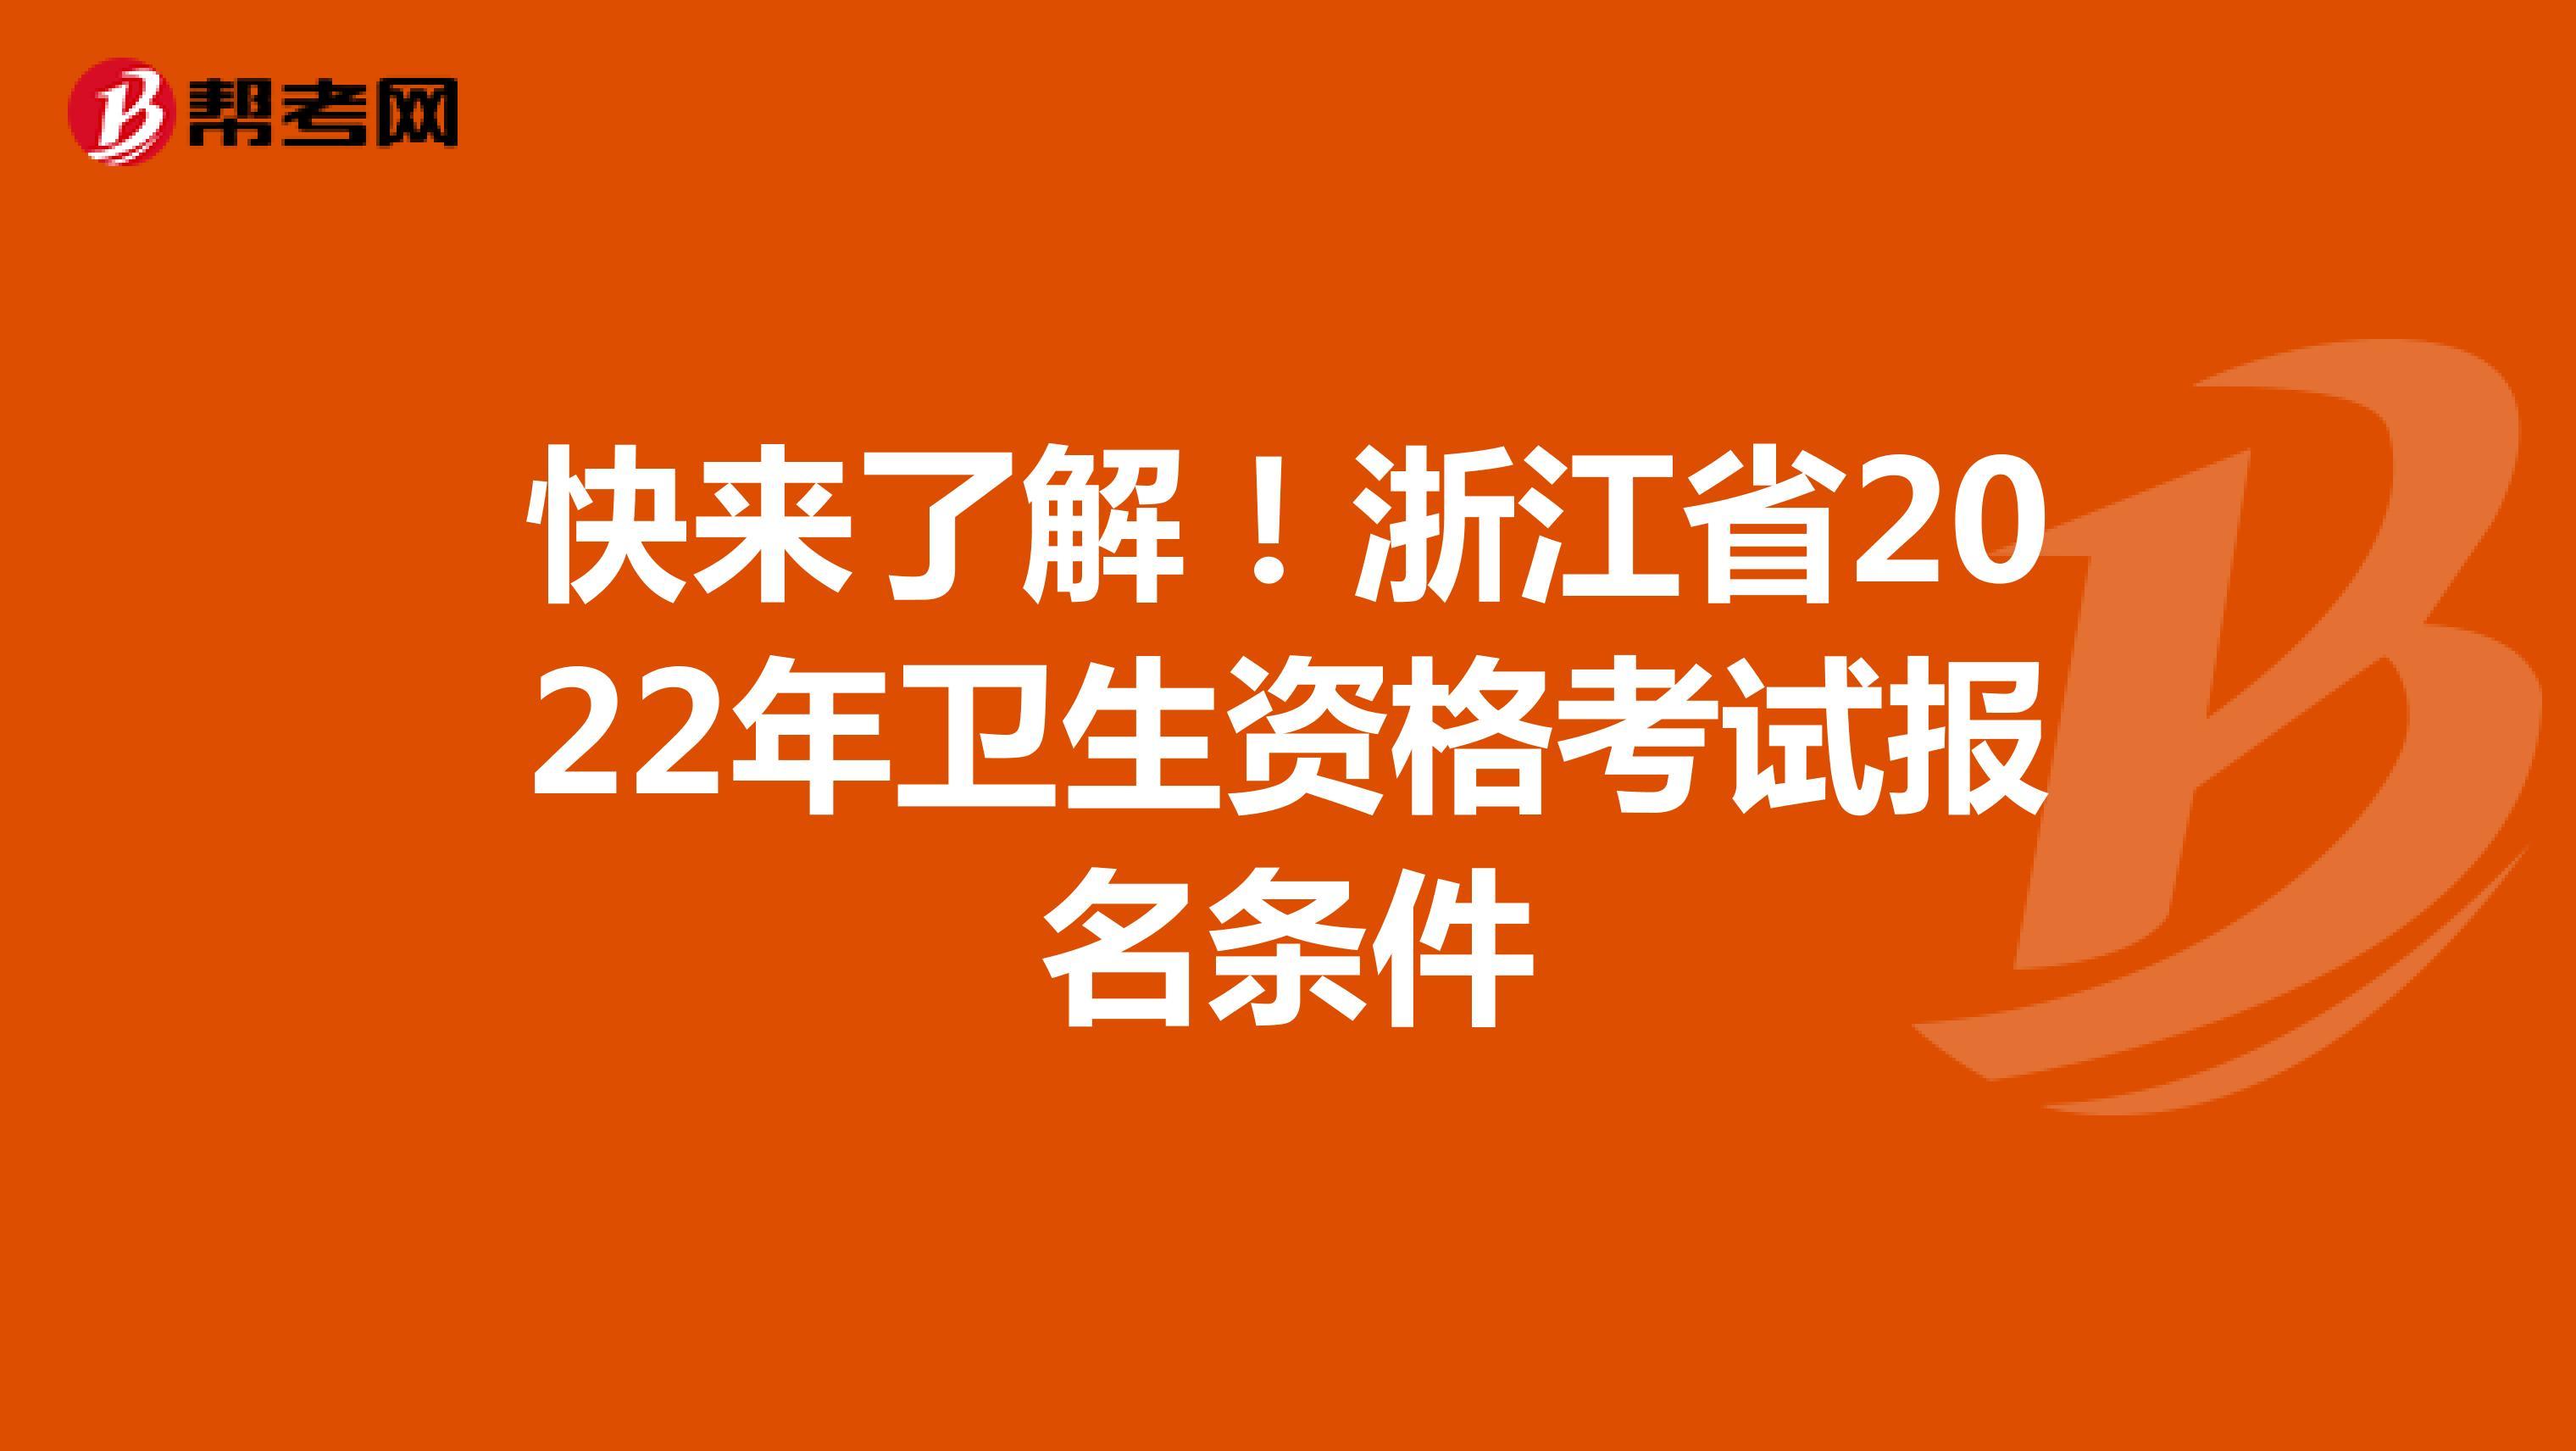 快来了解!浙江省2022年卫生资格考试报名条件